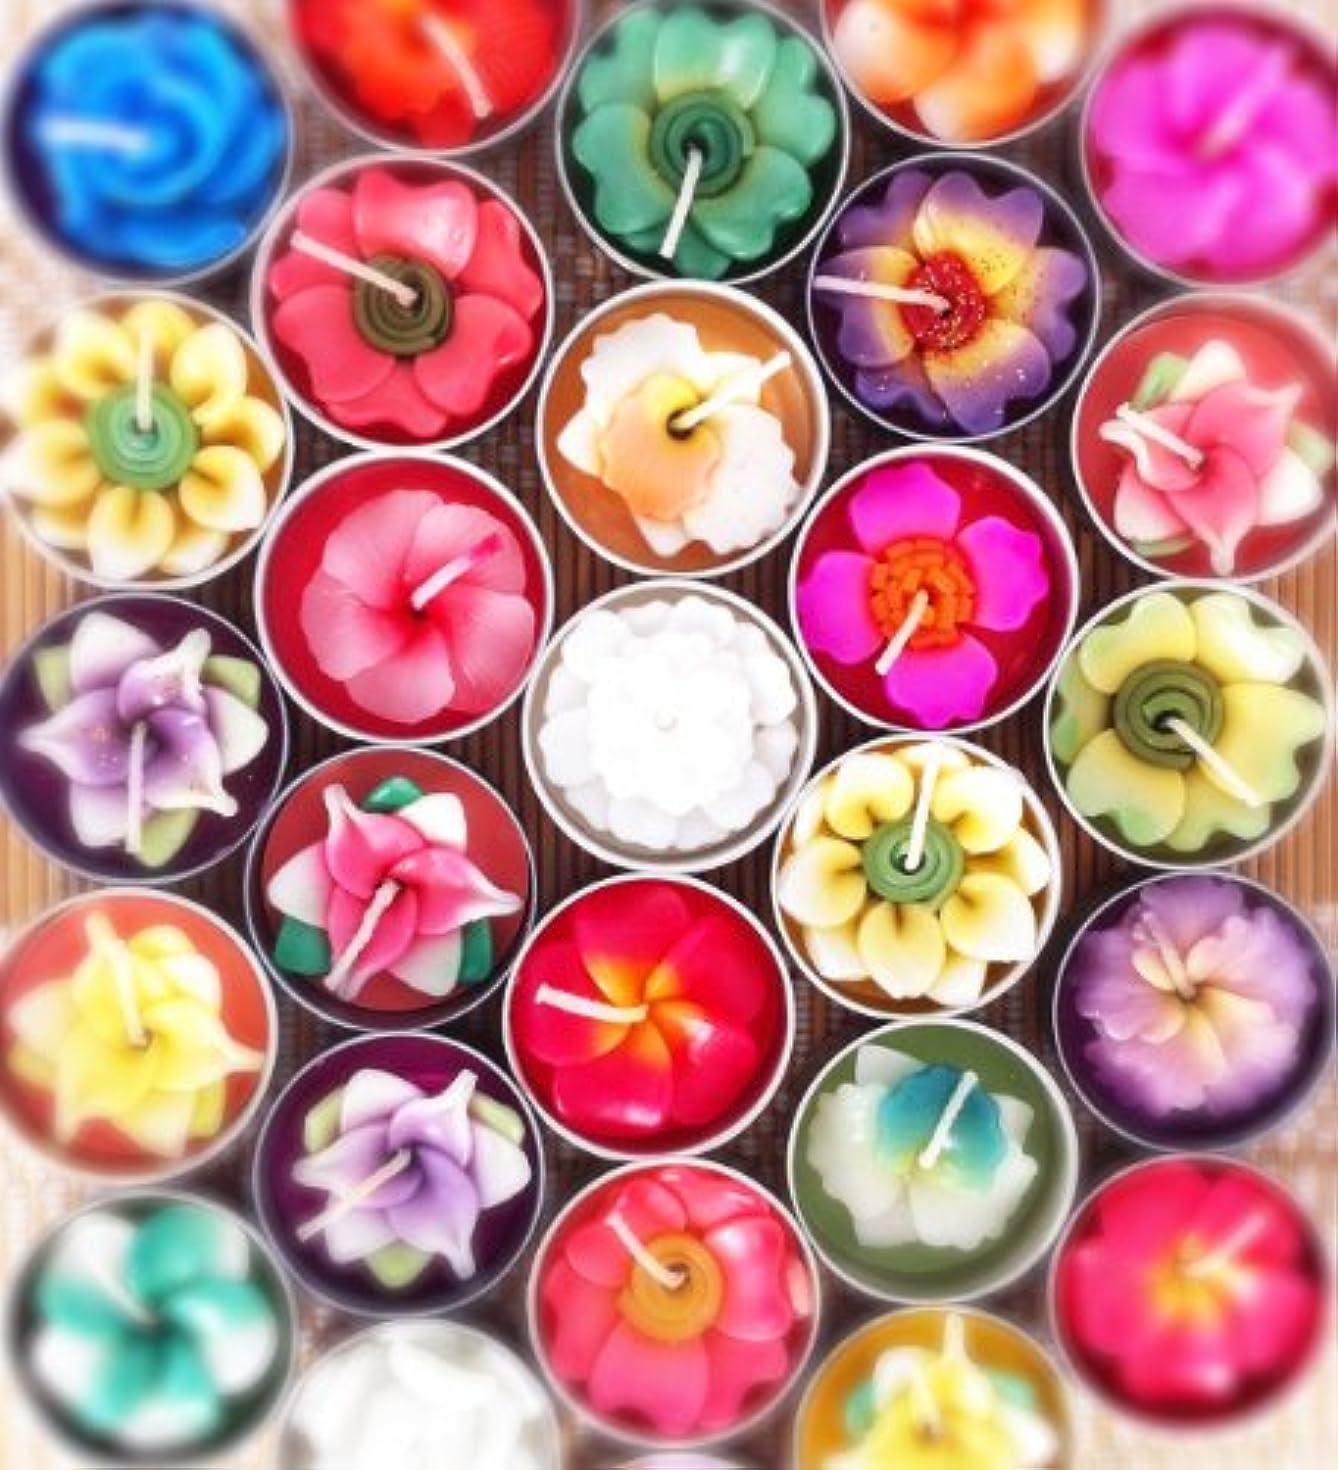 意気消沈したルアードローTiddin Design【キャンドル】フラワーキャンドル/ティーライトキャンドル/ろうそく/花の香り/Flower Candle (10個入りお徳用パック)